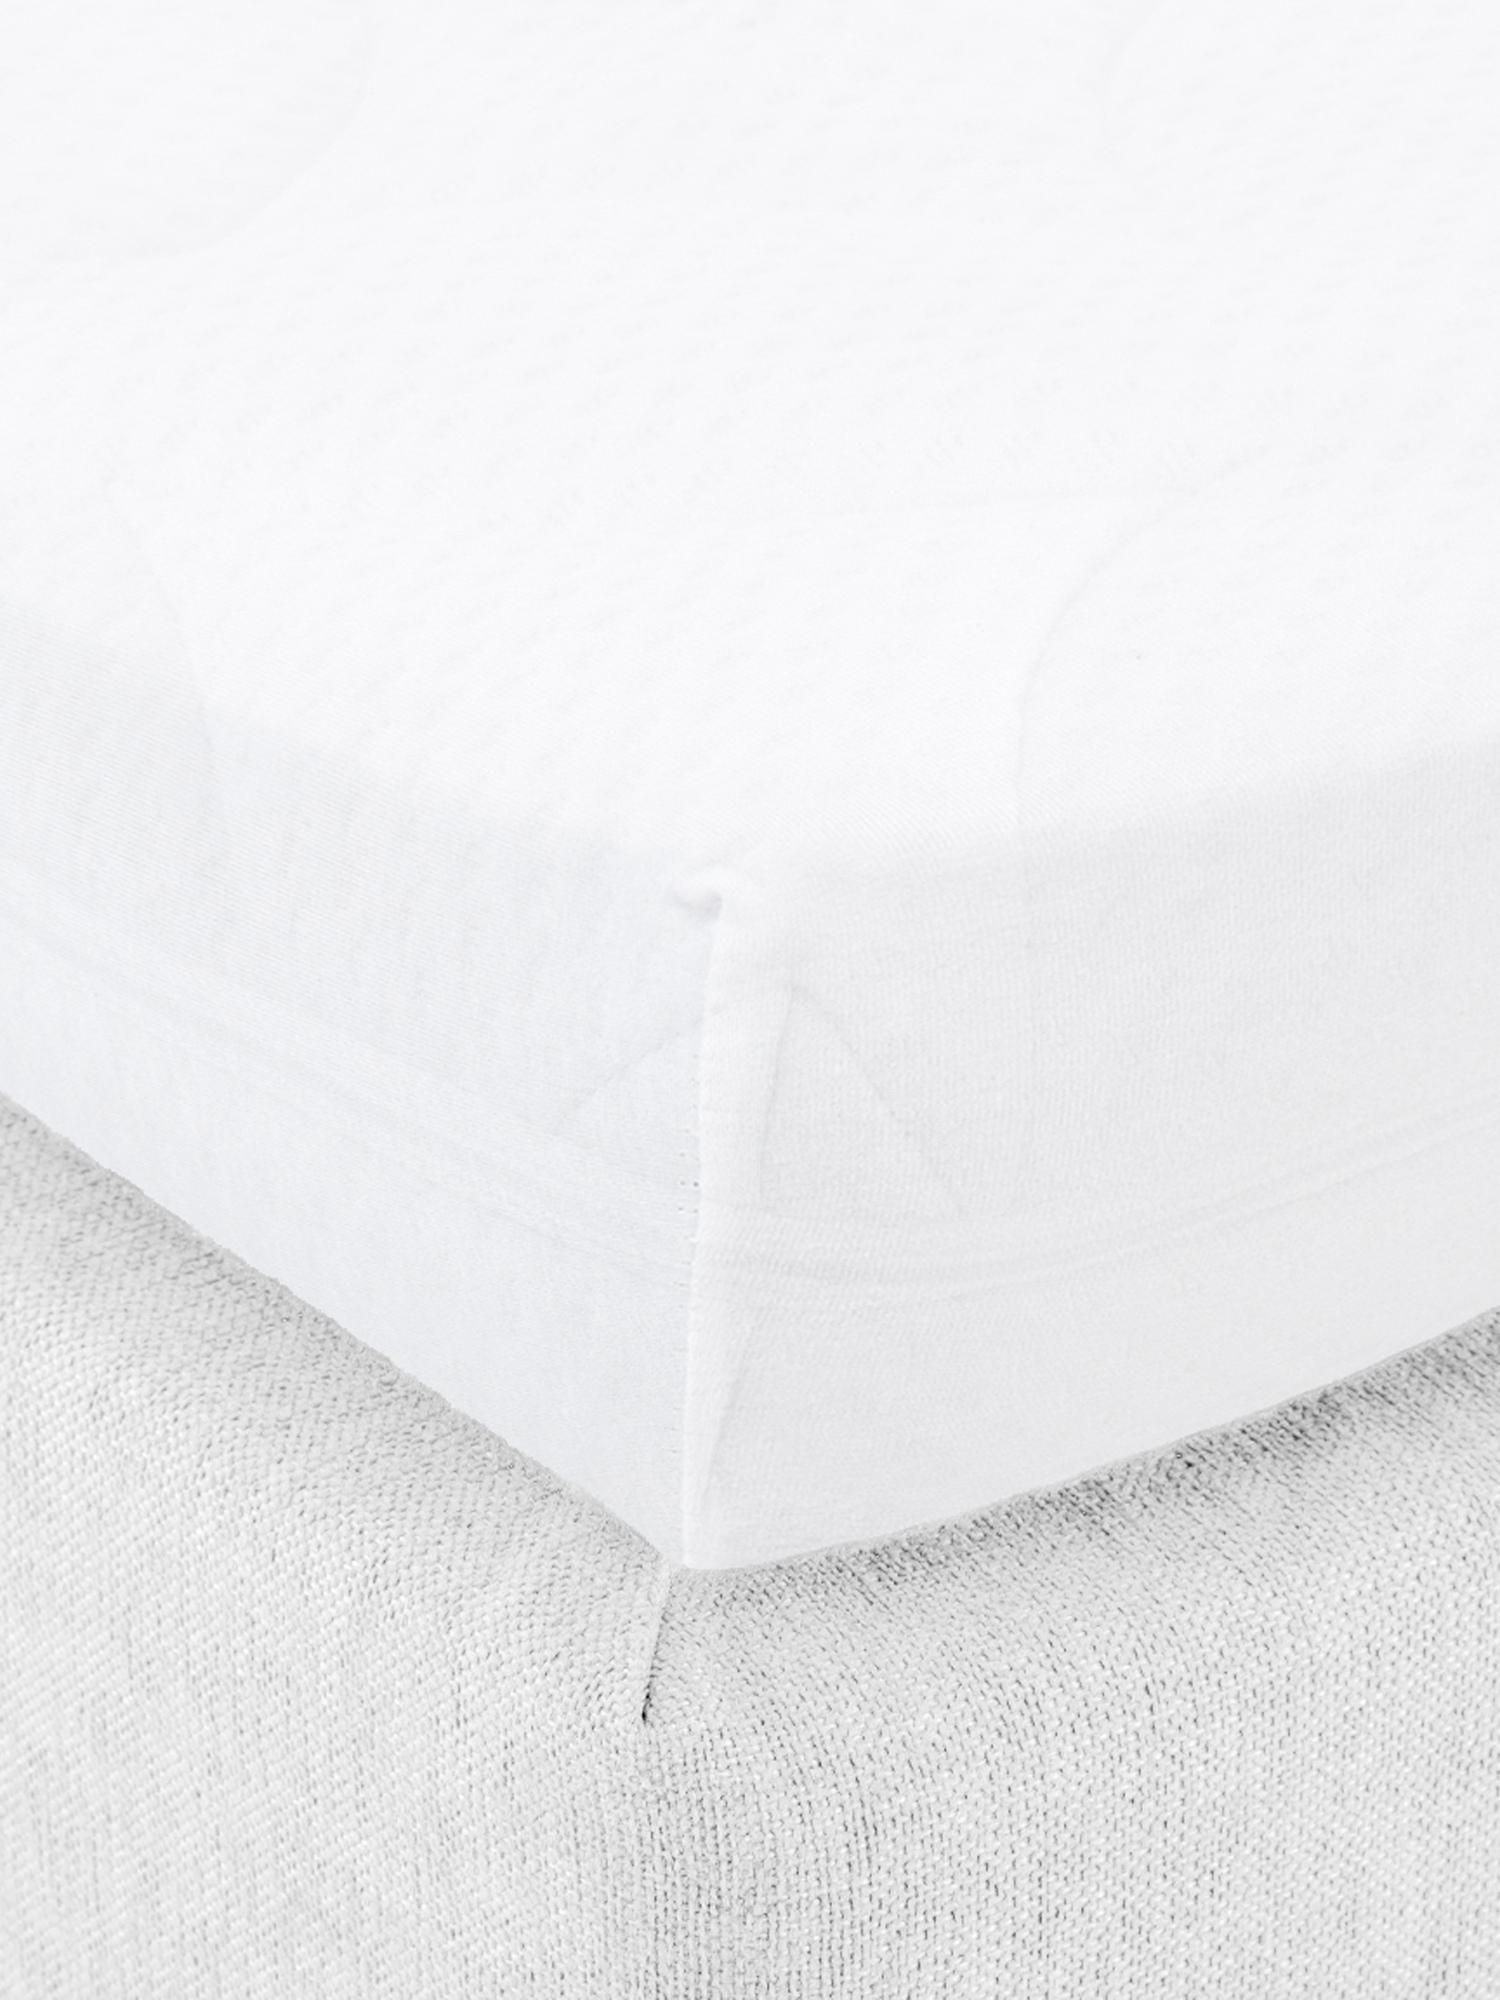 Prześcieradło z gumką na topper z jerseyu Lara, 95% bawełna, 5% elastan, Biały, S 180 x D 200 cm